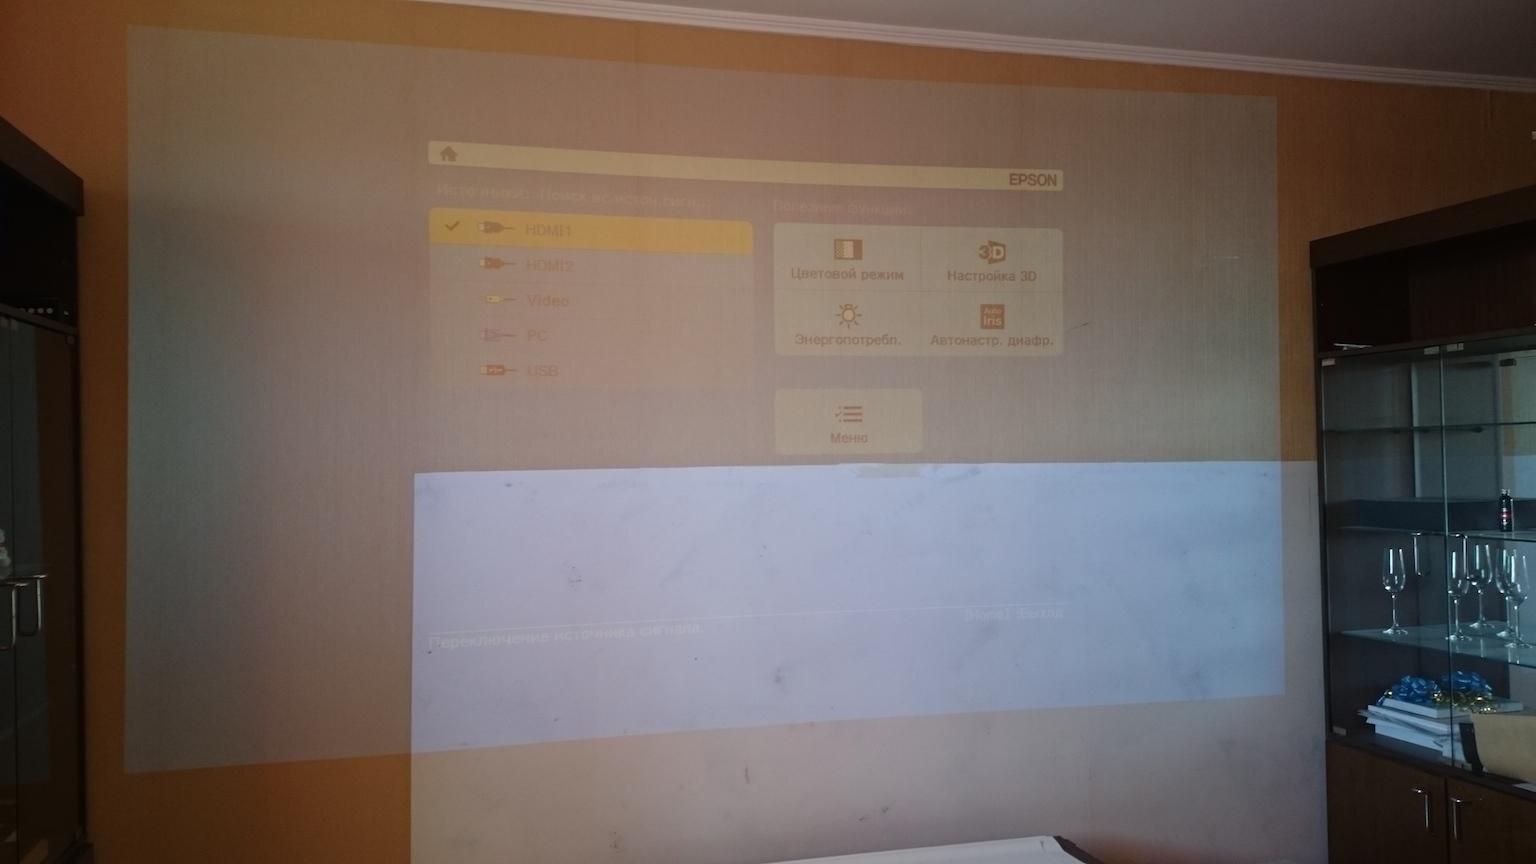 Картинка на голой стене